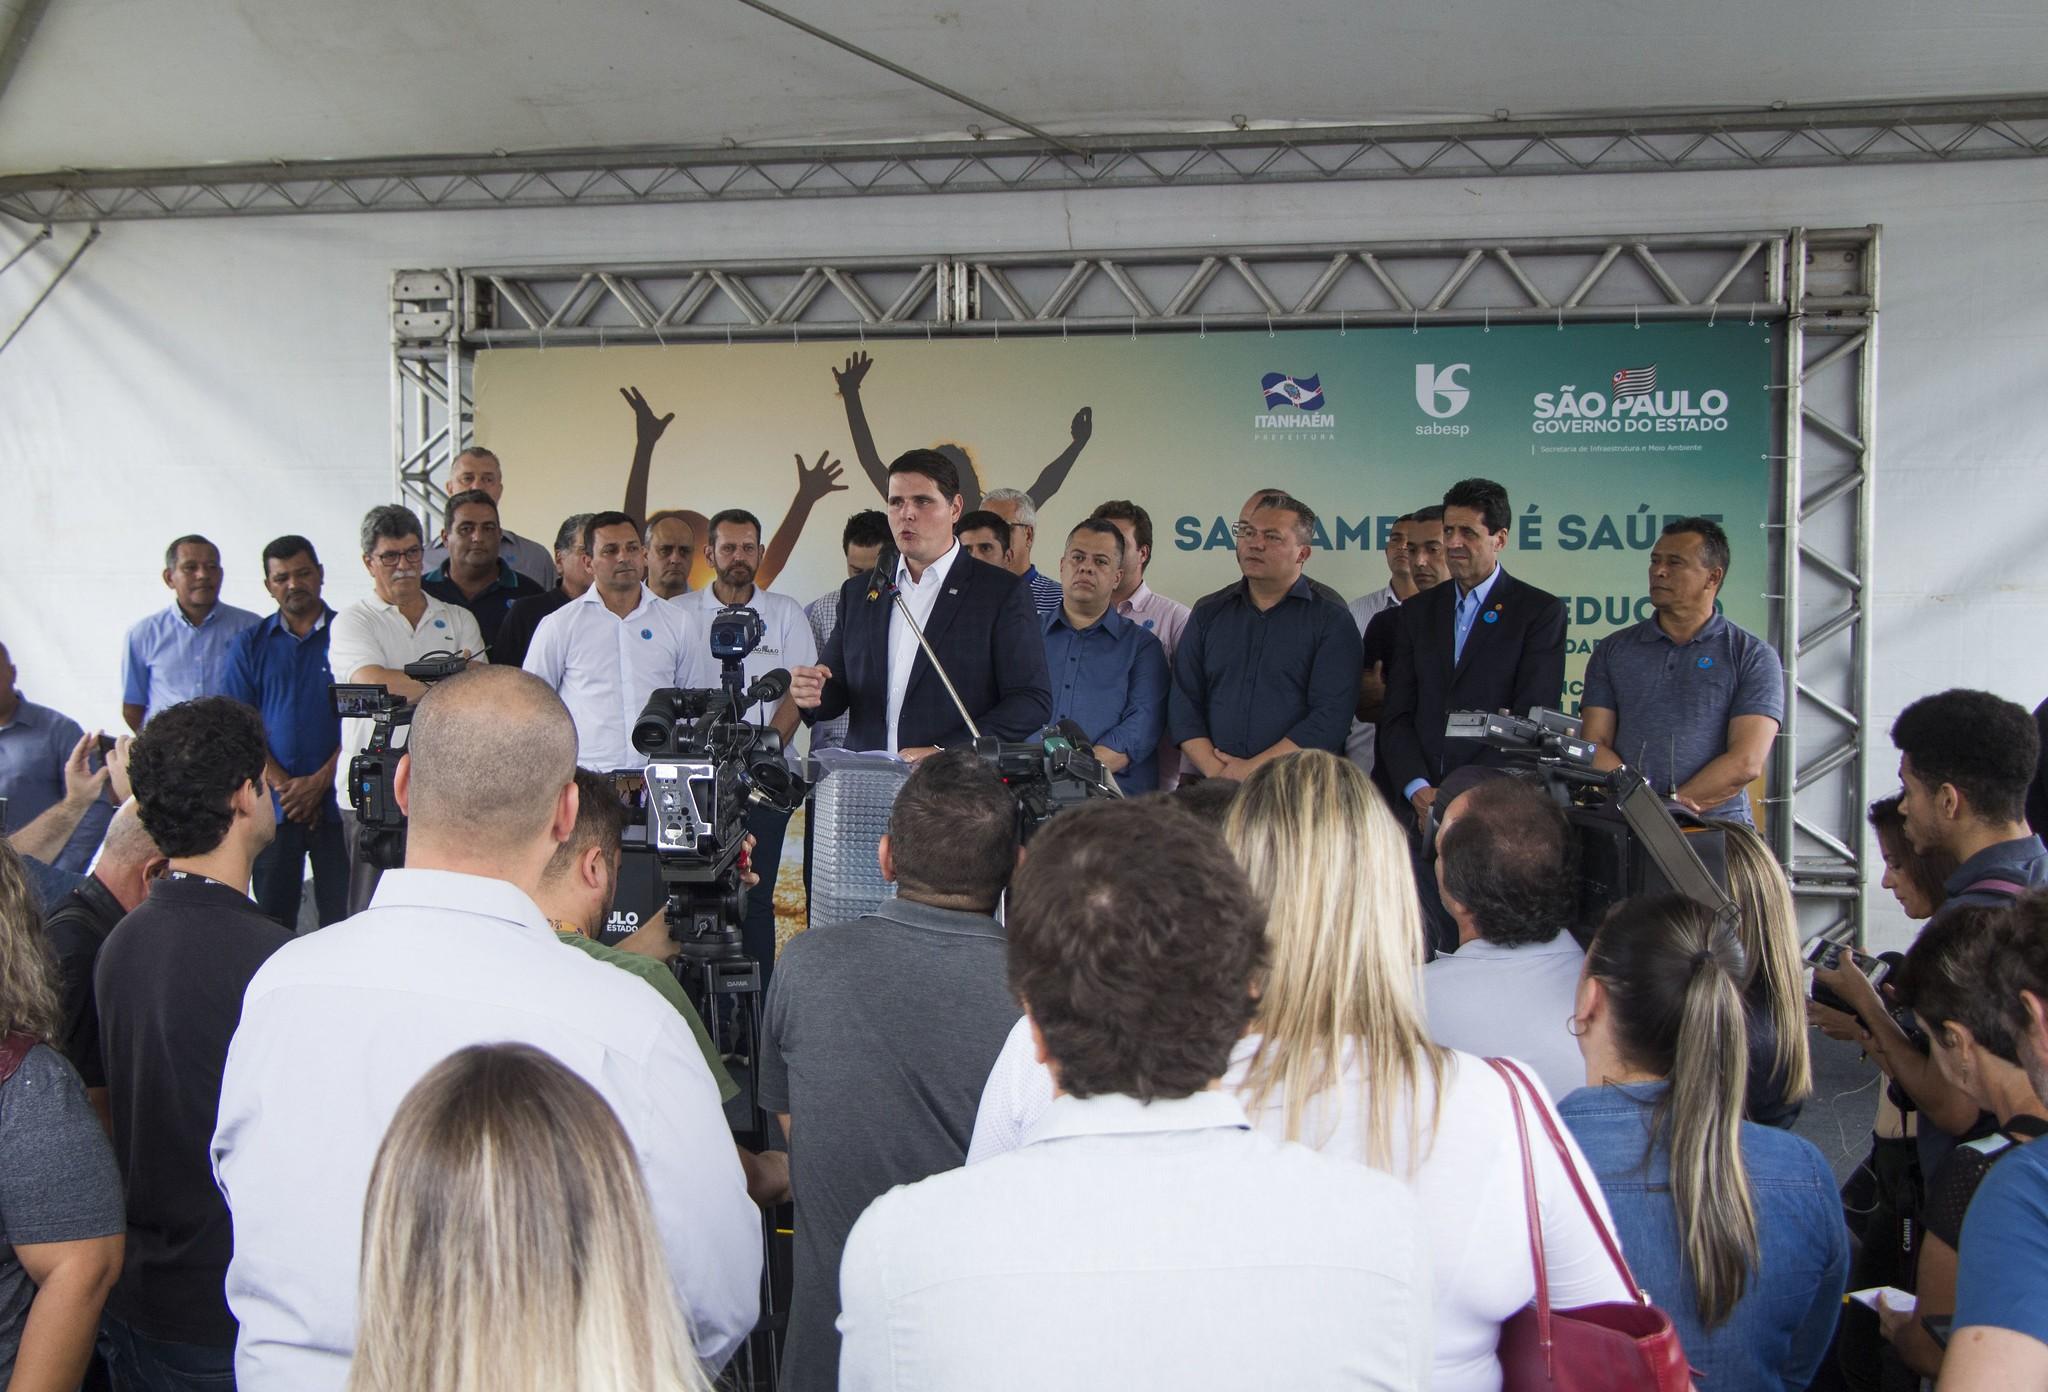 Estado libera R$ 170 milhões para sistemas de água e esgoto em Peruíbe, Itanhaém e Mongaguá - Notícias - Plantão Diário